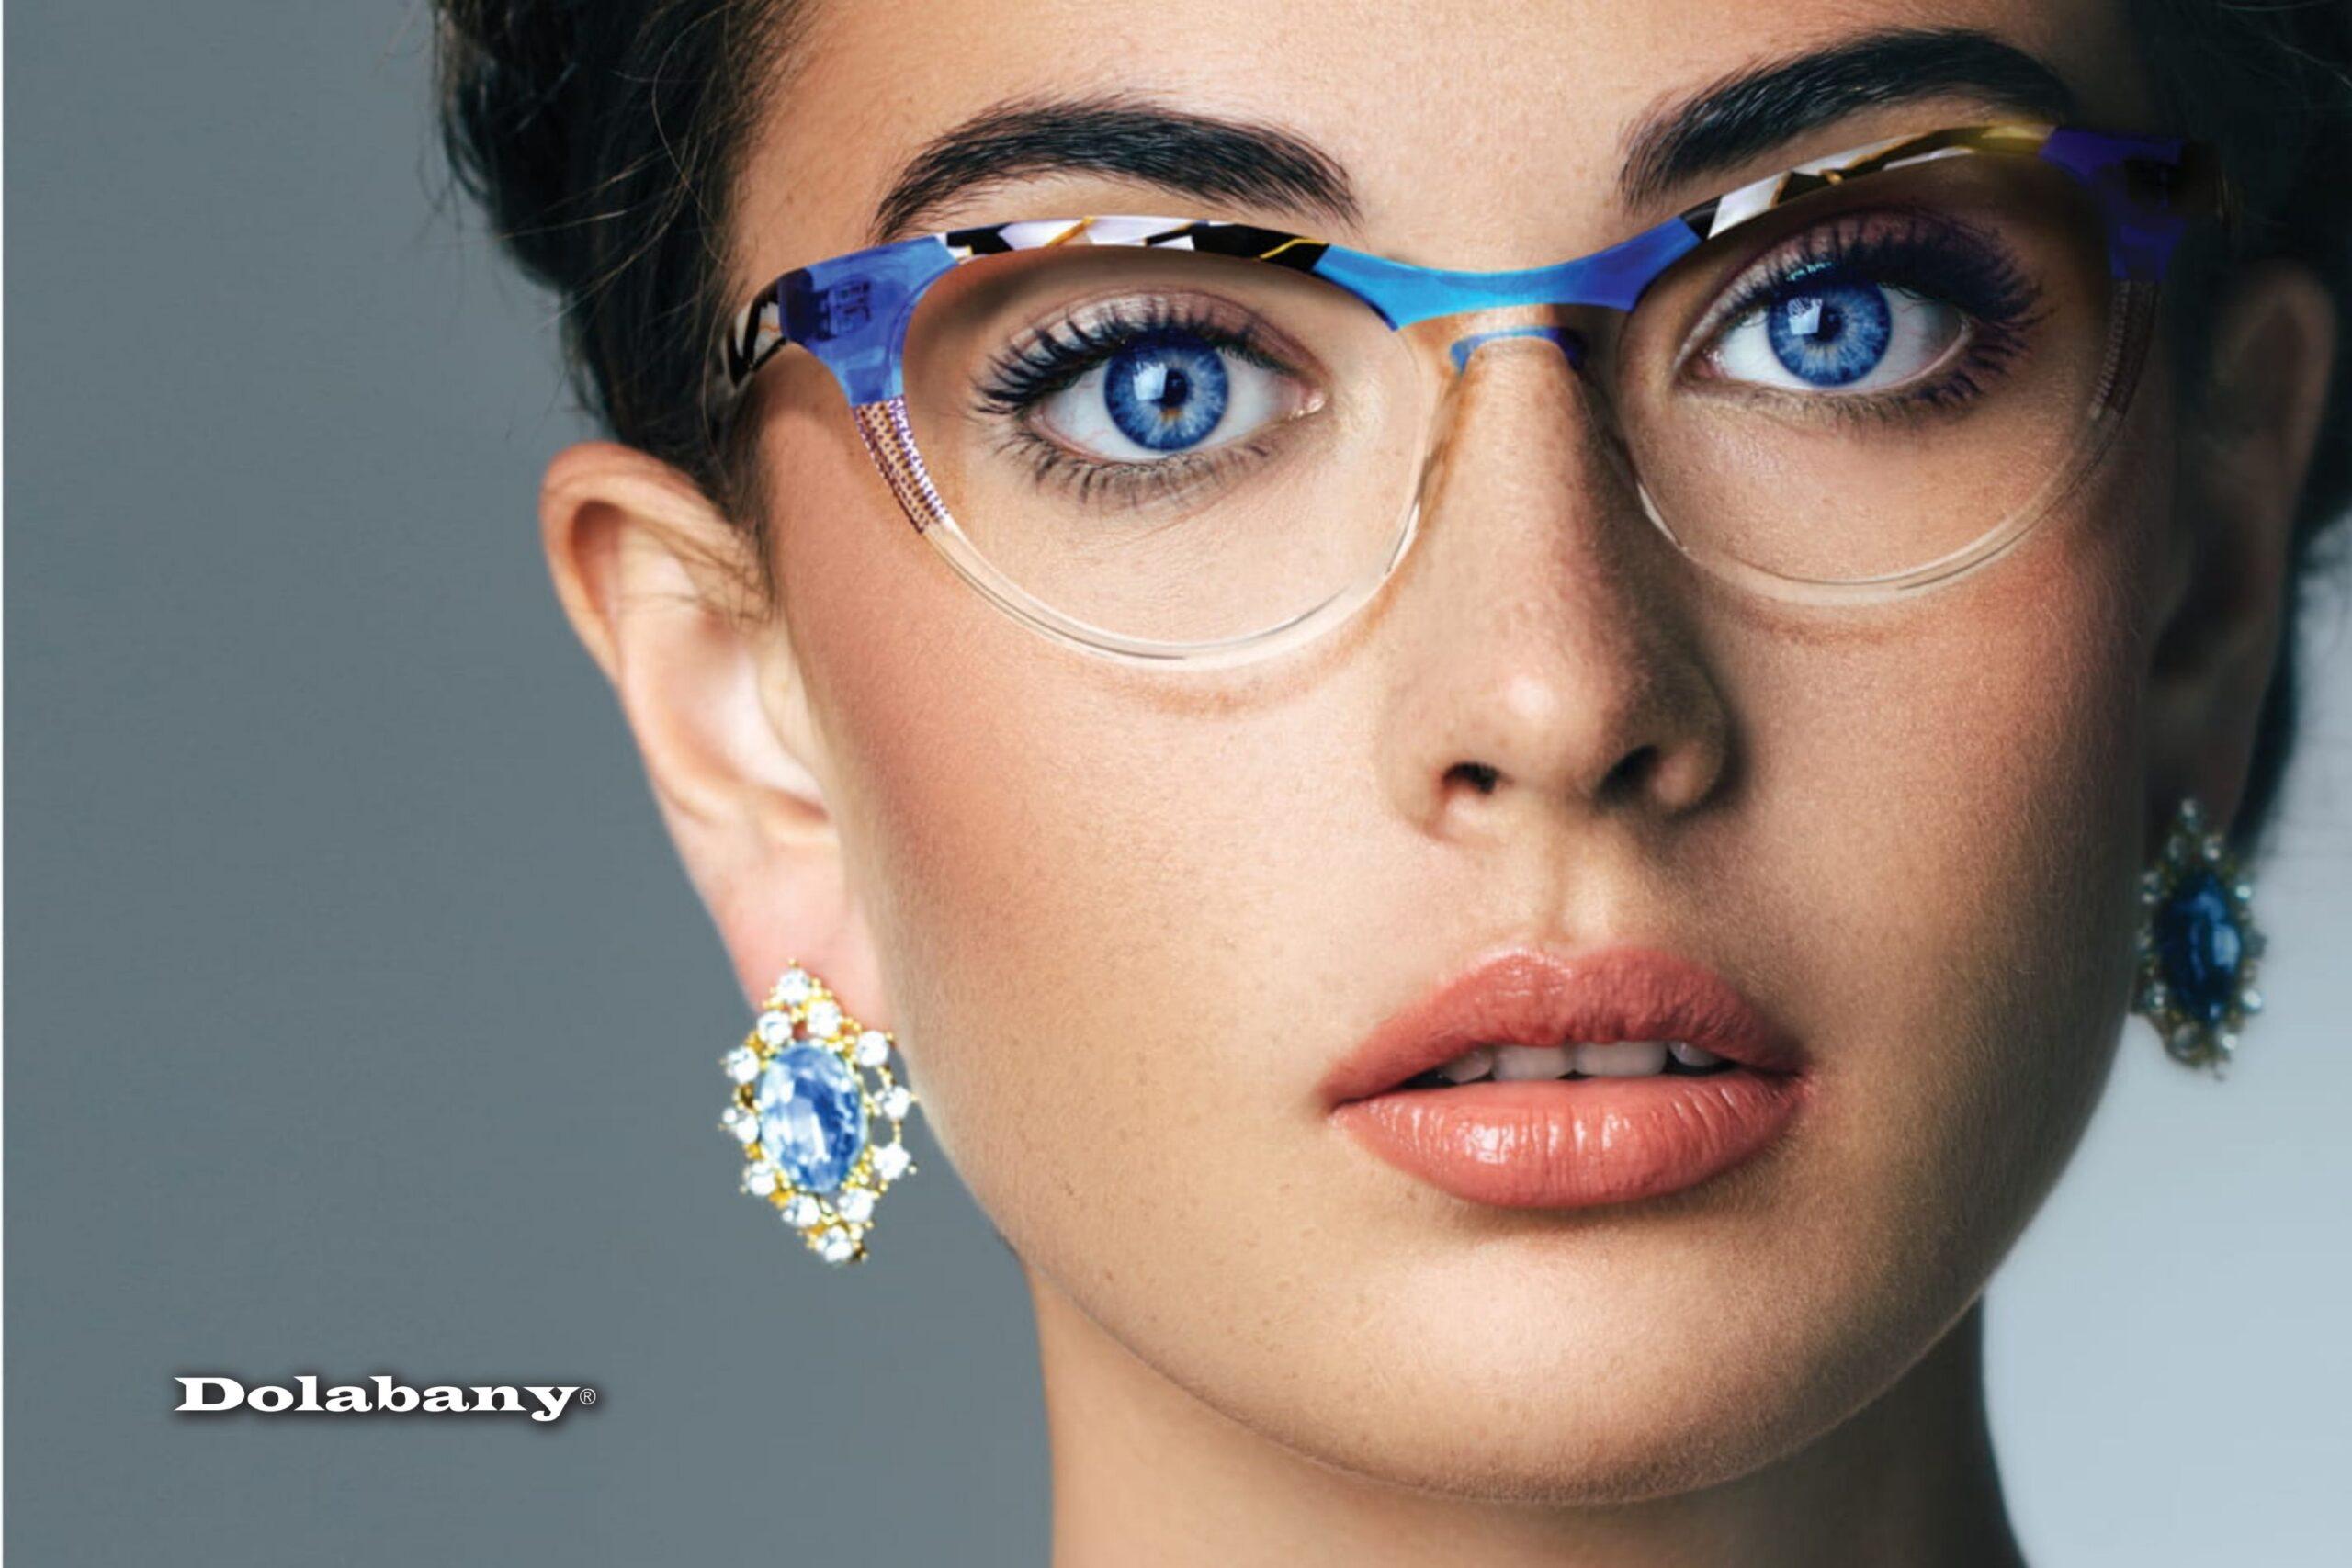 Dolabany Eyewear Arista Brand Image Ebony White